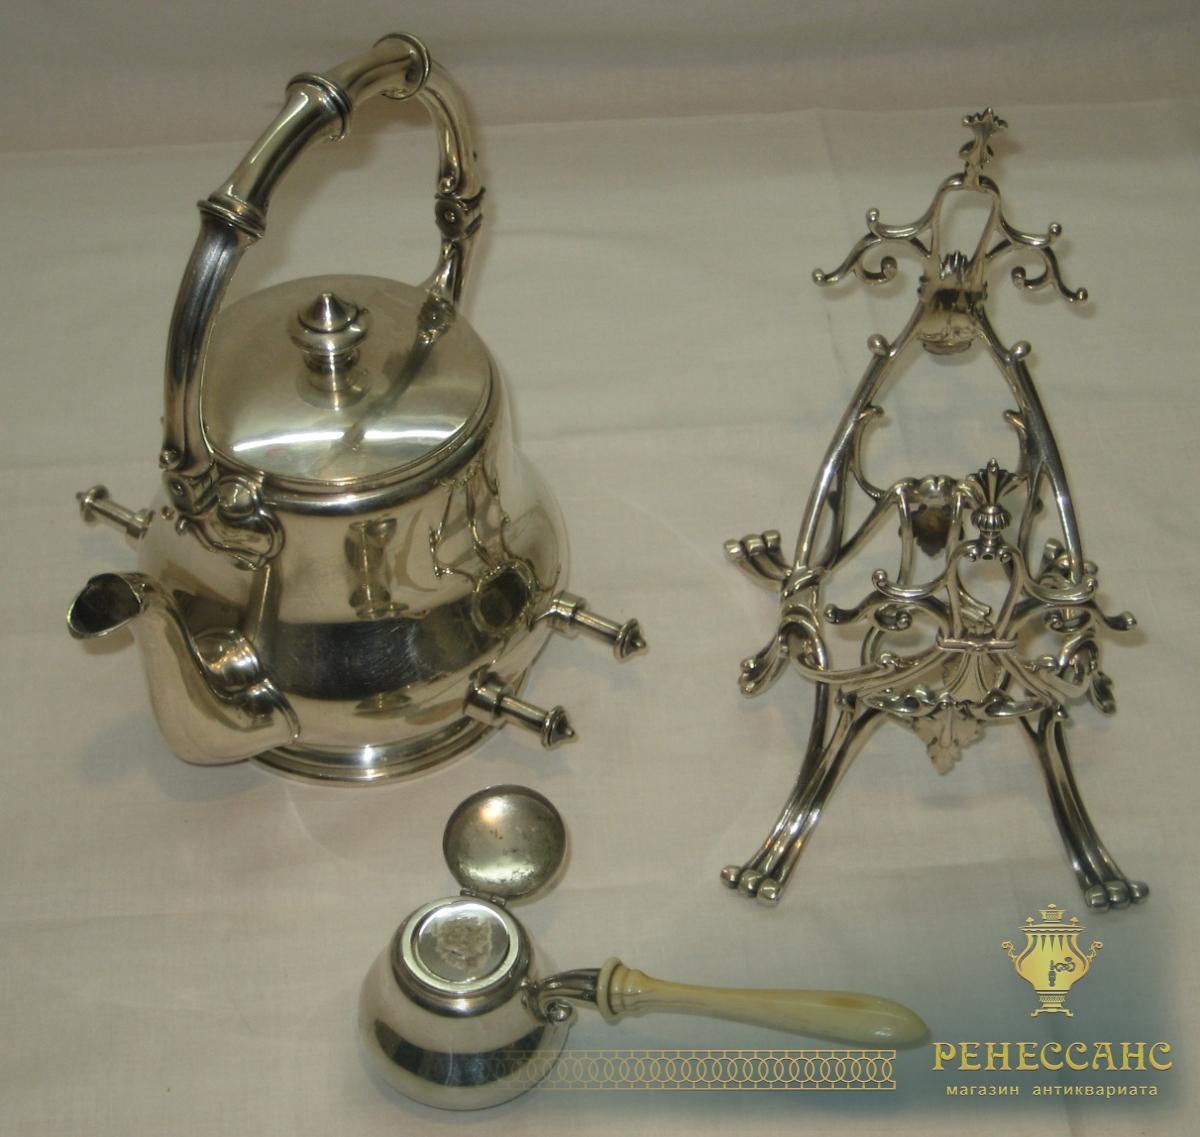 Бульотка старинная, на 1 литр, серебрение, Европа, начало 20 века №2213